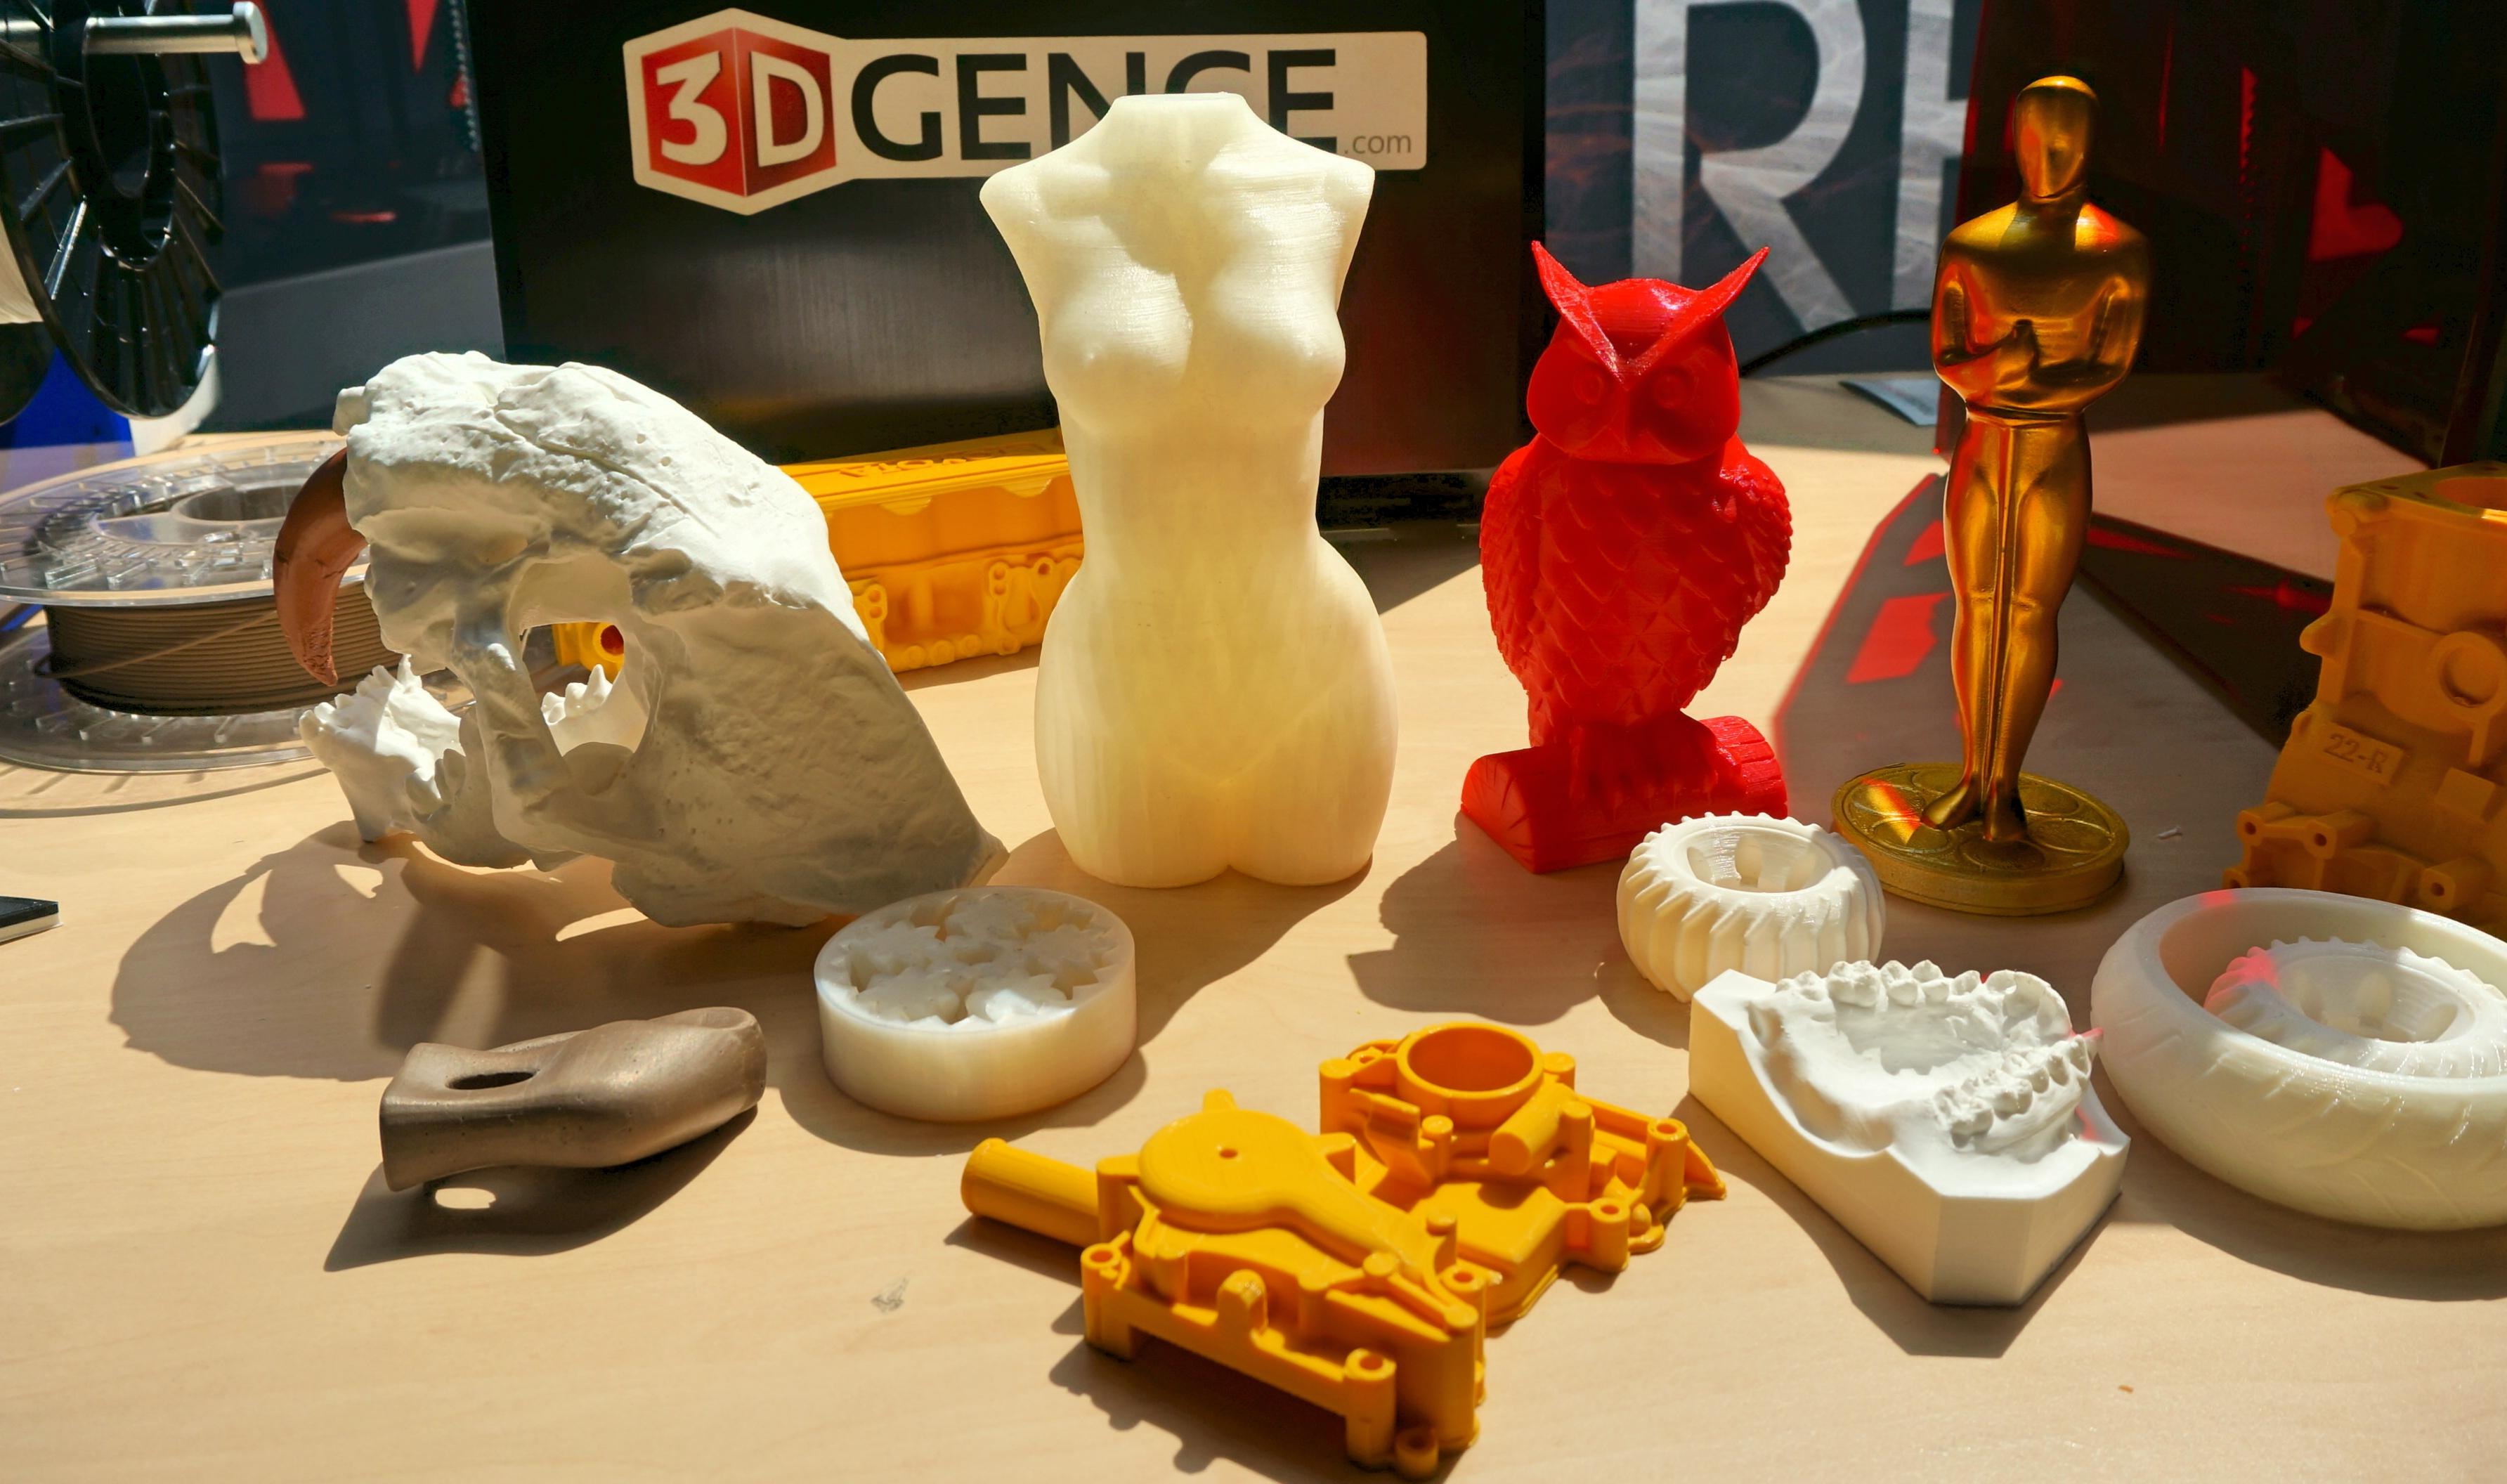 Kto drukuje na drukarkach 3D i po co? – rozmawiamy z polskim 3D Gence